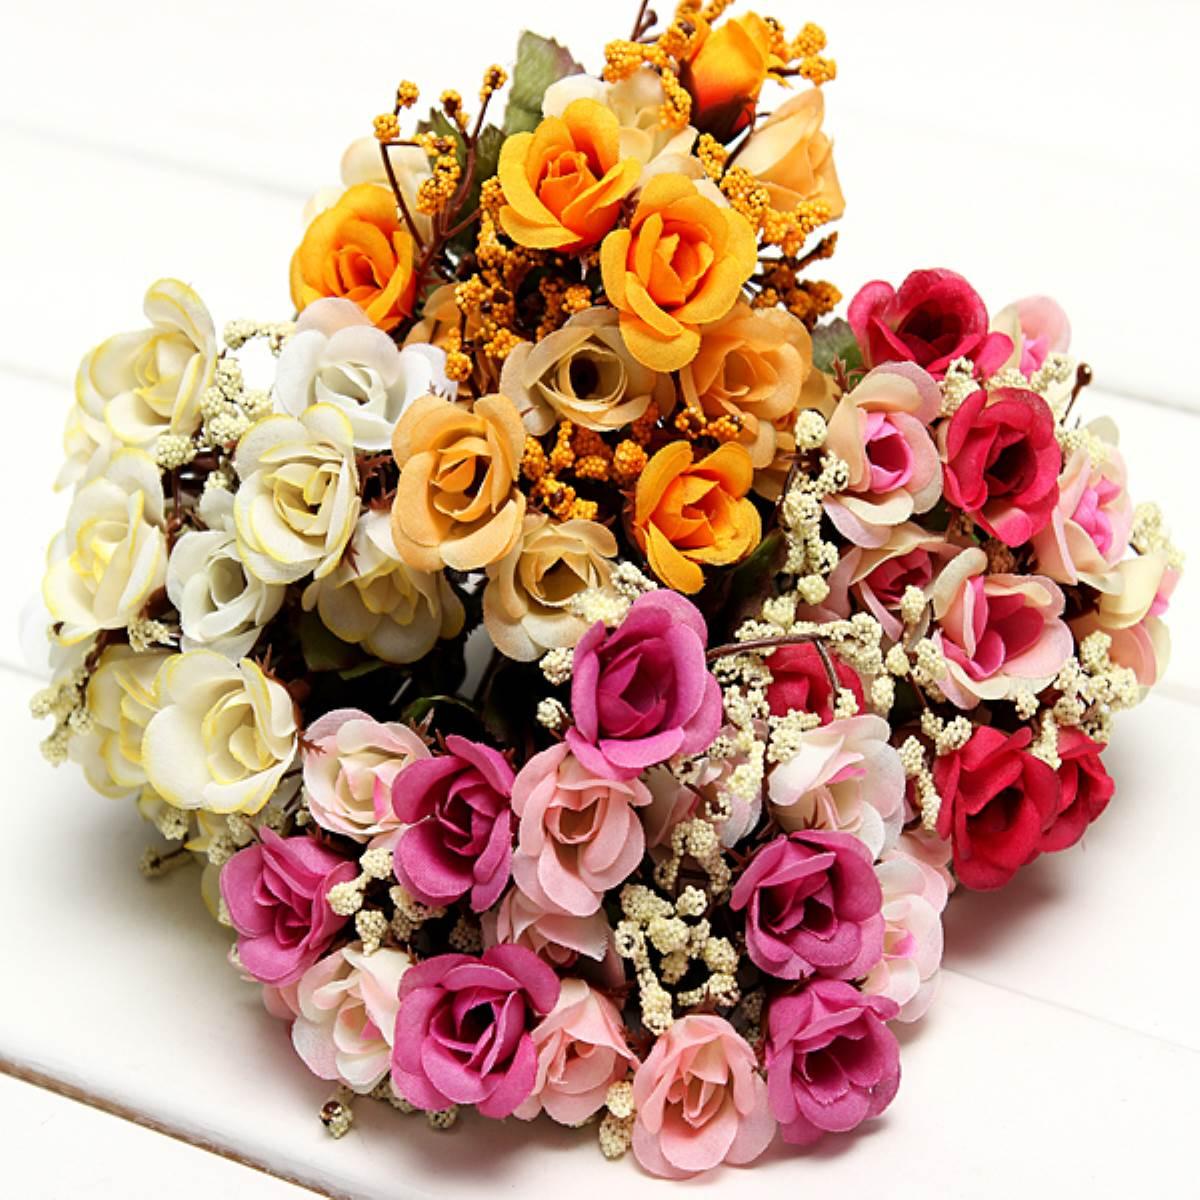 romantique de mariage dlicat fleur dcor faux babysbreath rose fleurs de soie artificielle bouquet de marie - Bon De Reduction Decoration De Mariage